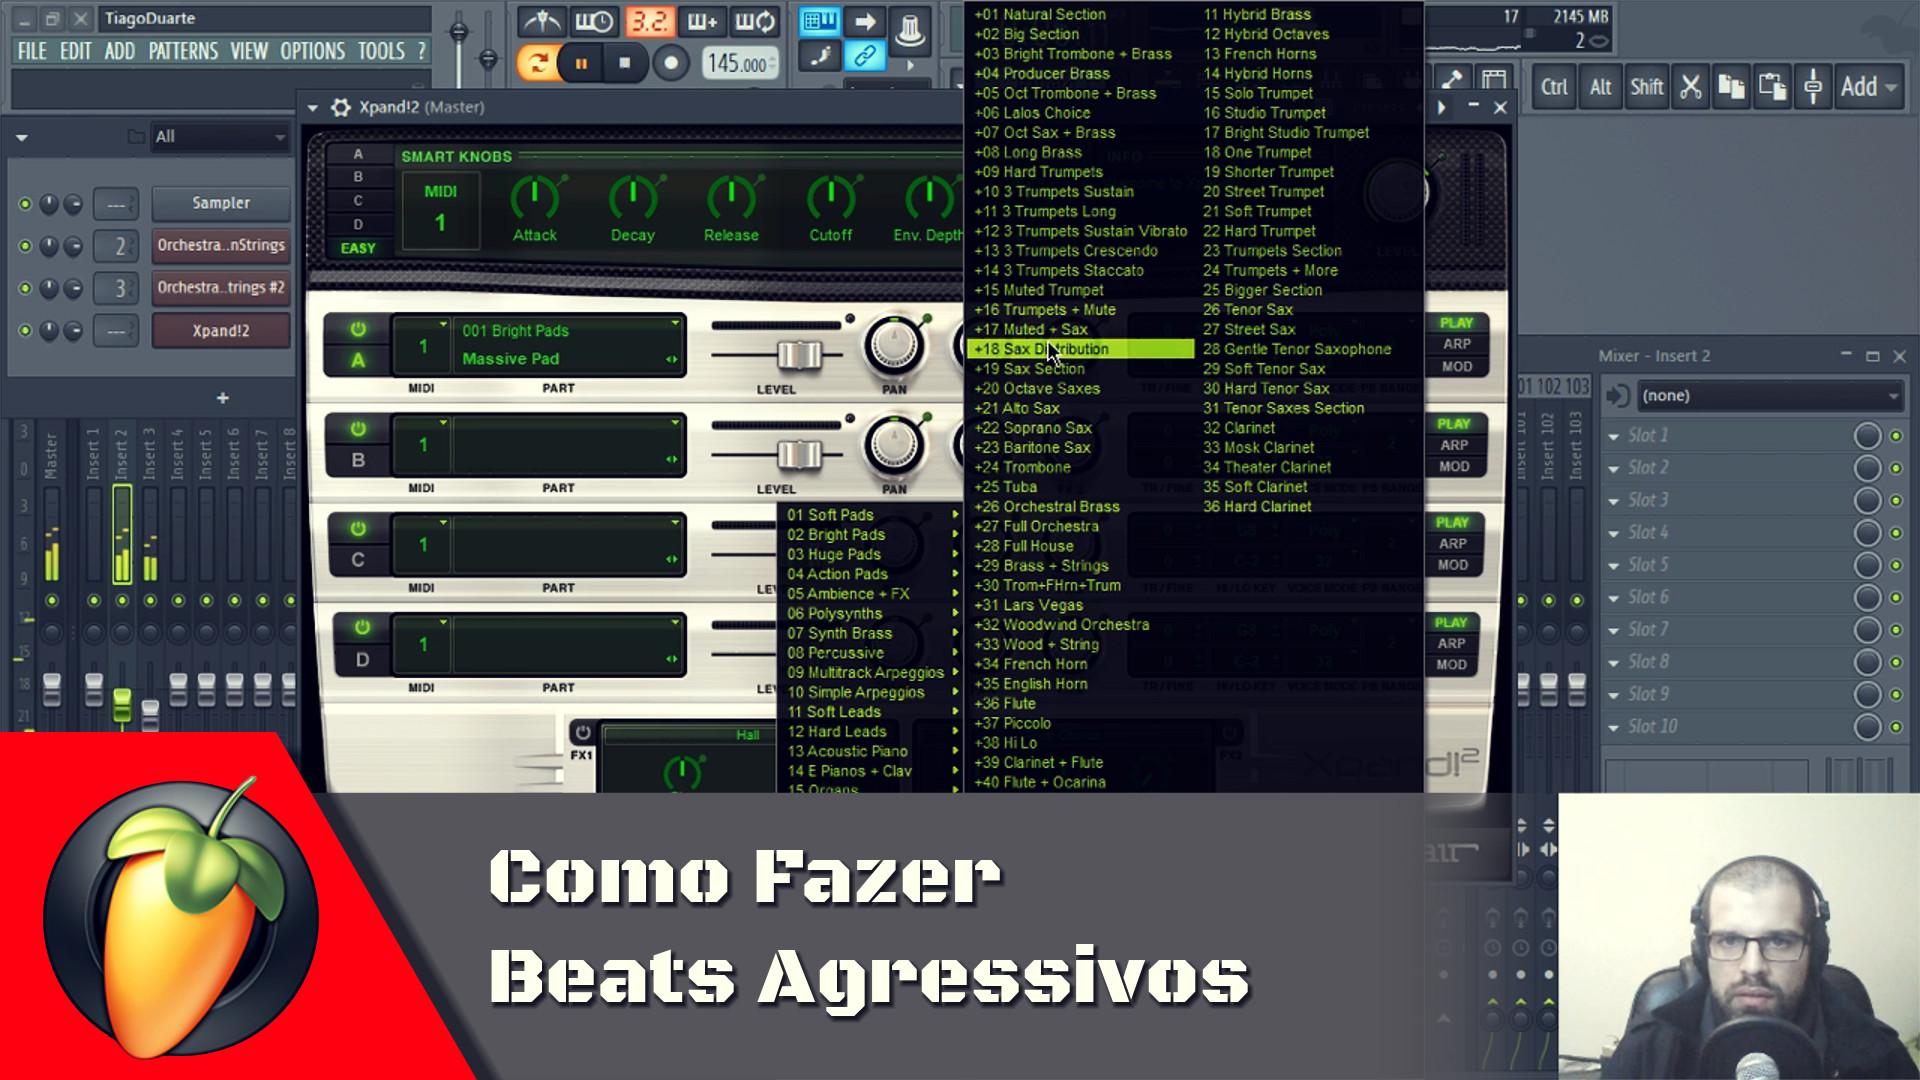 Como Fazer Beats Agressivos